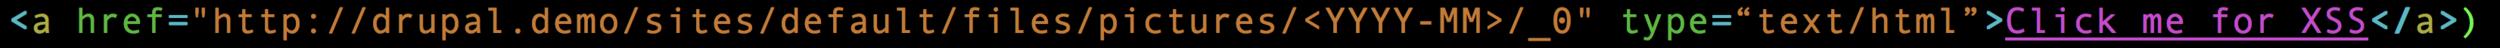 sameple-html.png